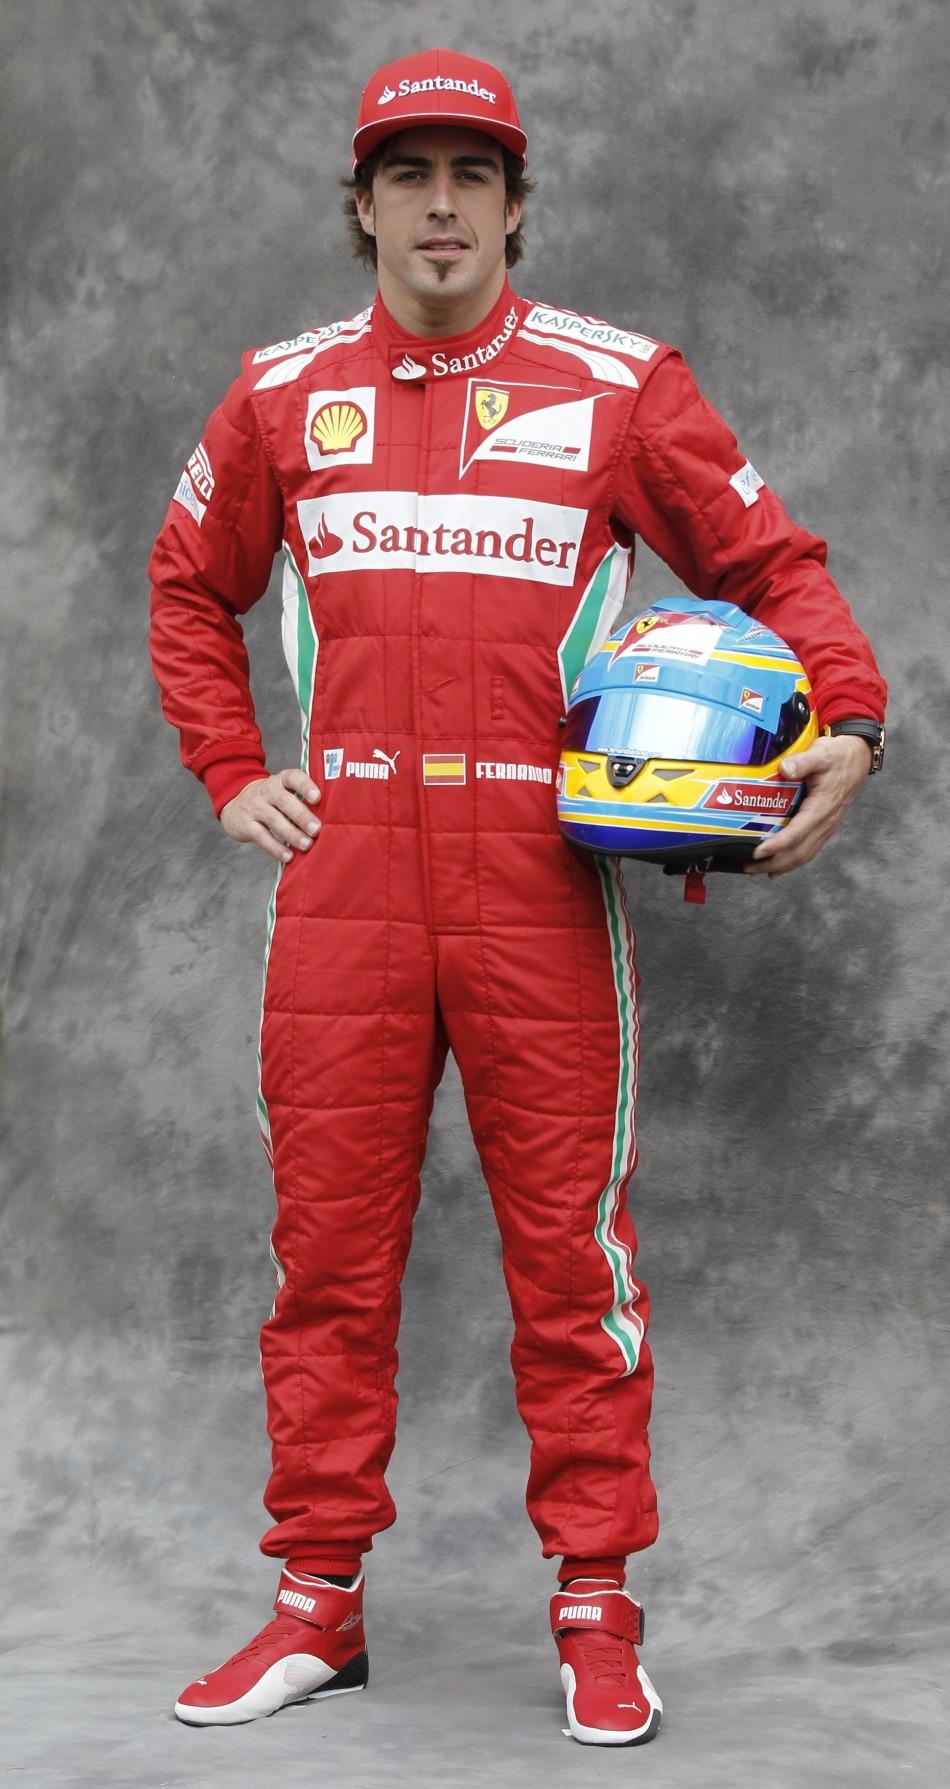 formula 1 driver standings 2007